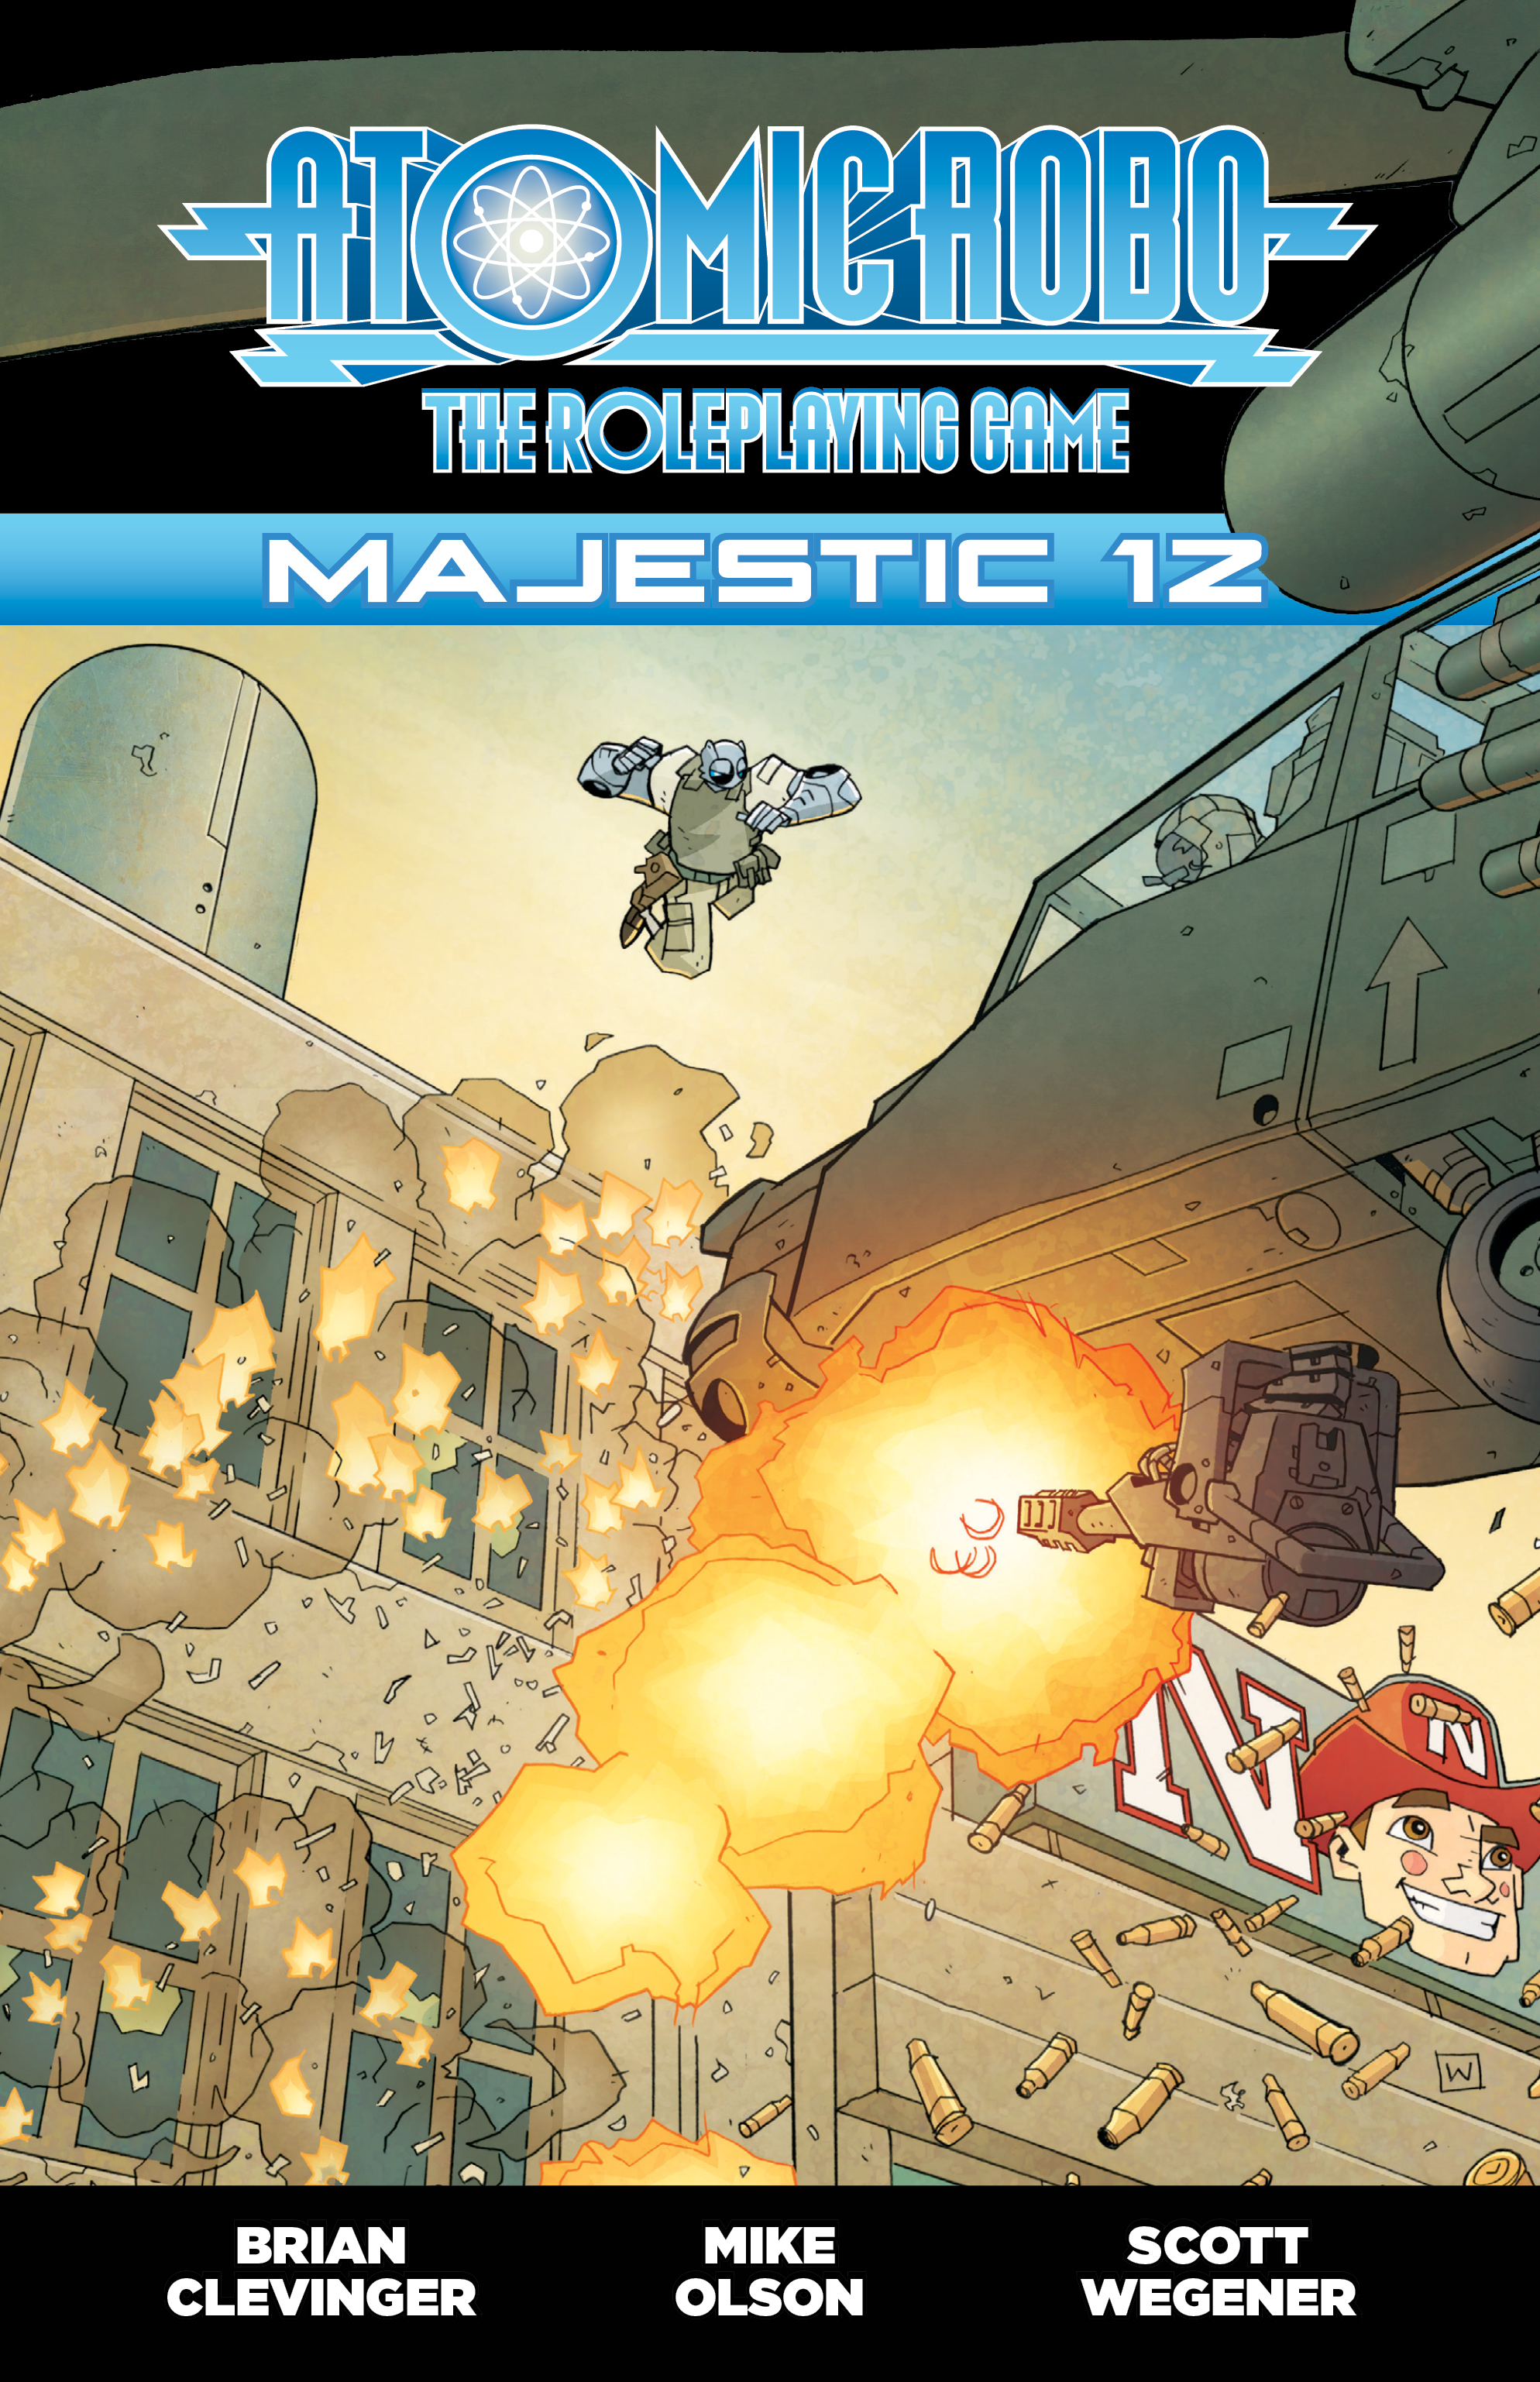 Fate Core Rpg: Atomic Robo - Majestic 12 Box Front